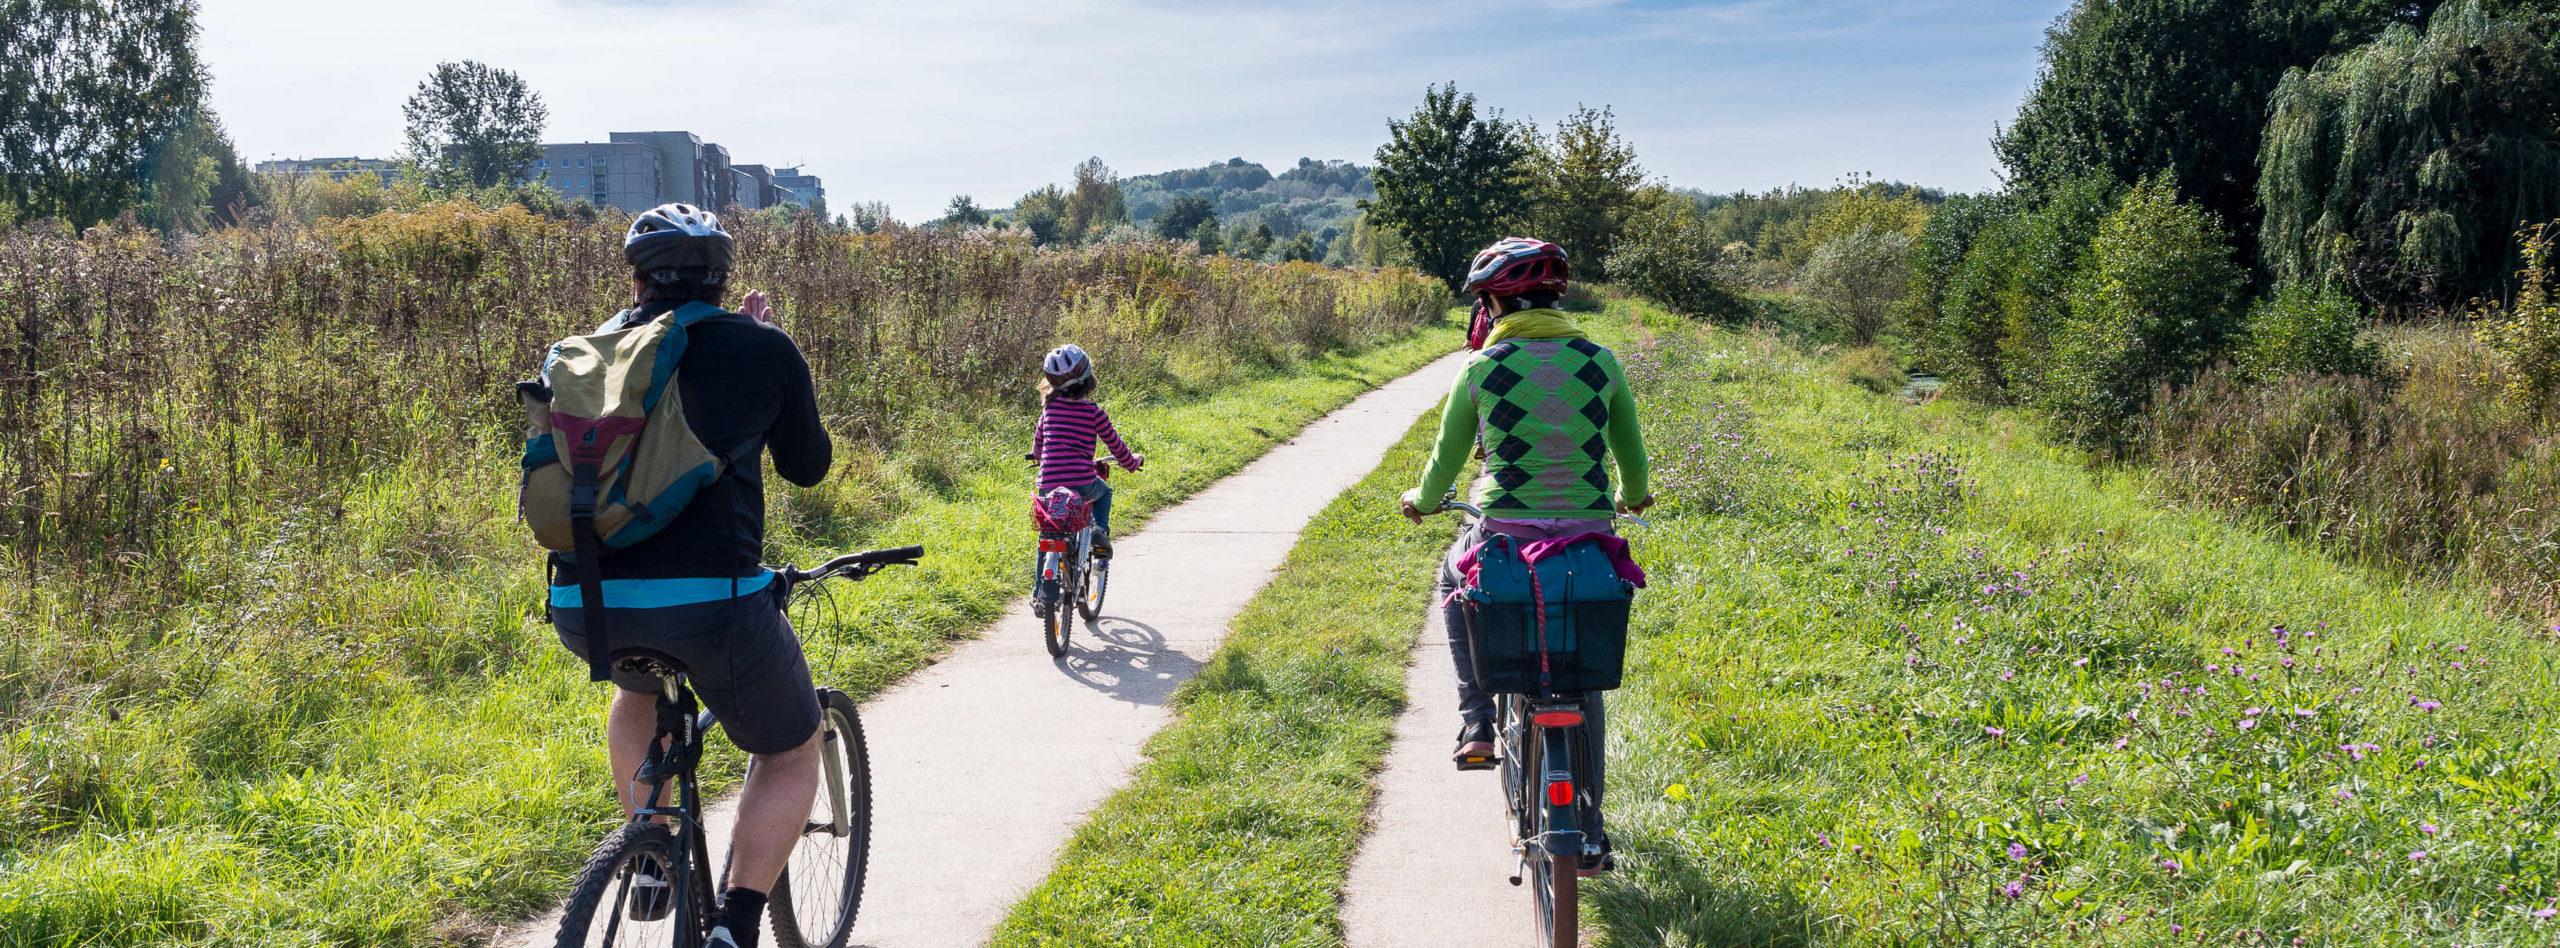 Radfahren im Wuhletal